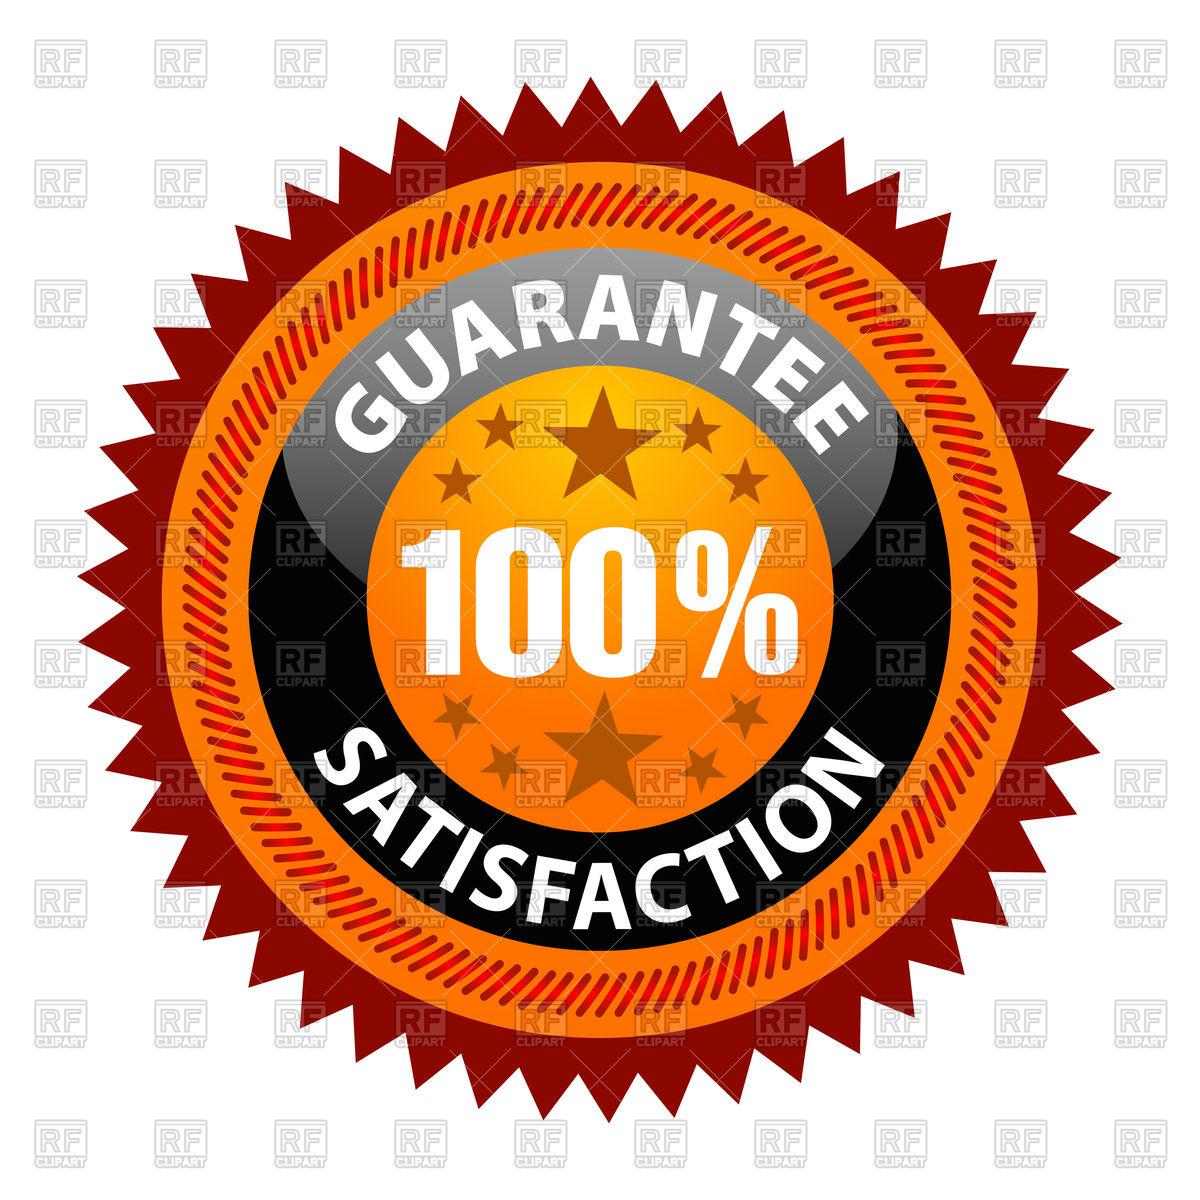 1200x1200 100% Satisfaction Guaranteed Label Vector Image Vector Artwork